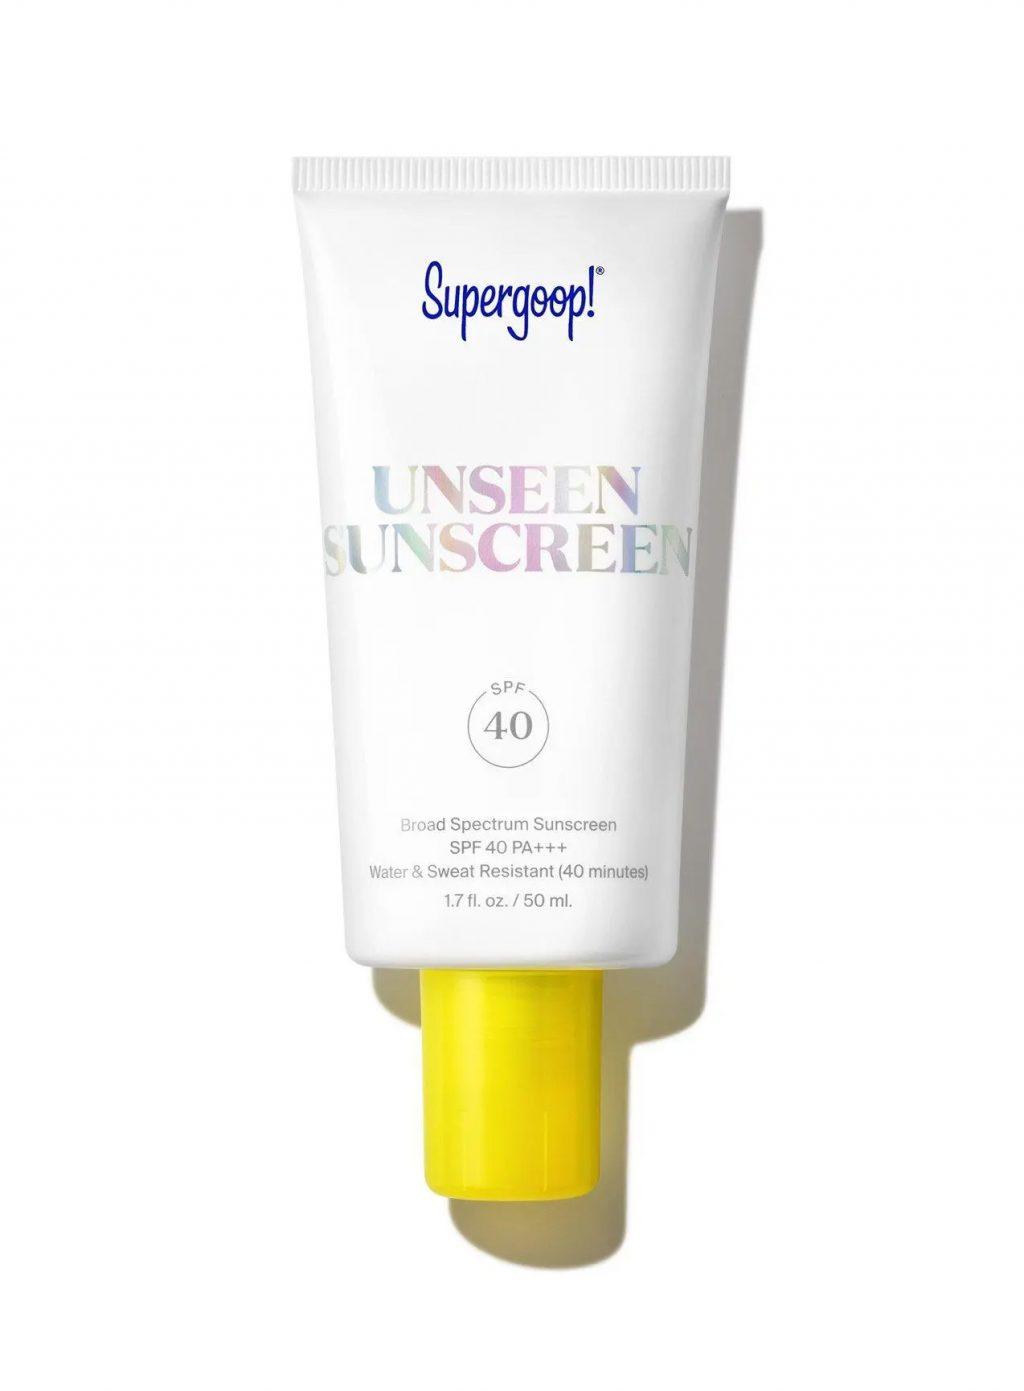 Kem chống nắng Unseen Sunscreen SPF 40